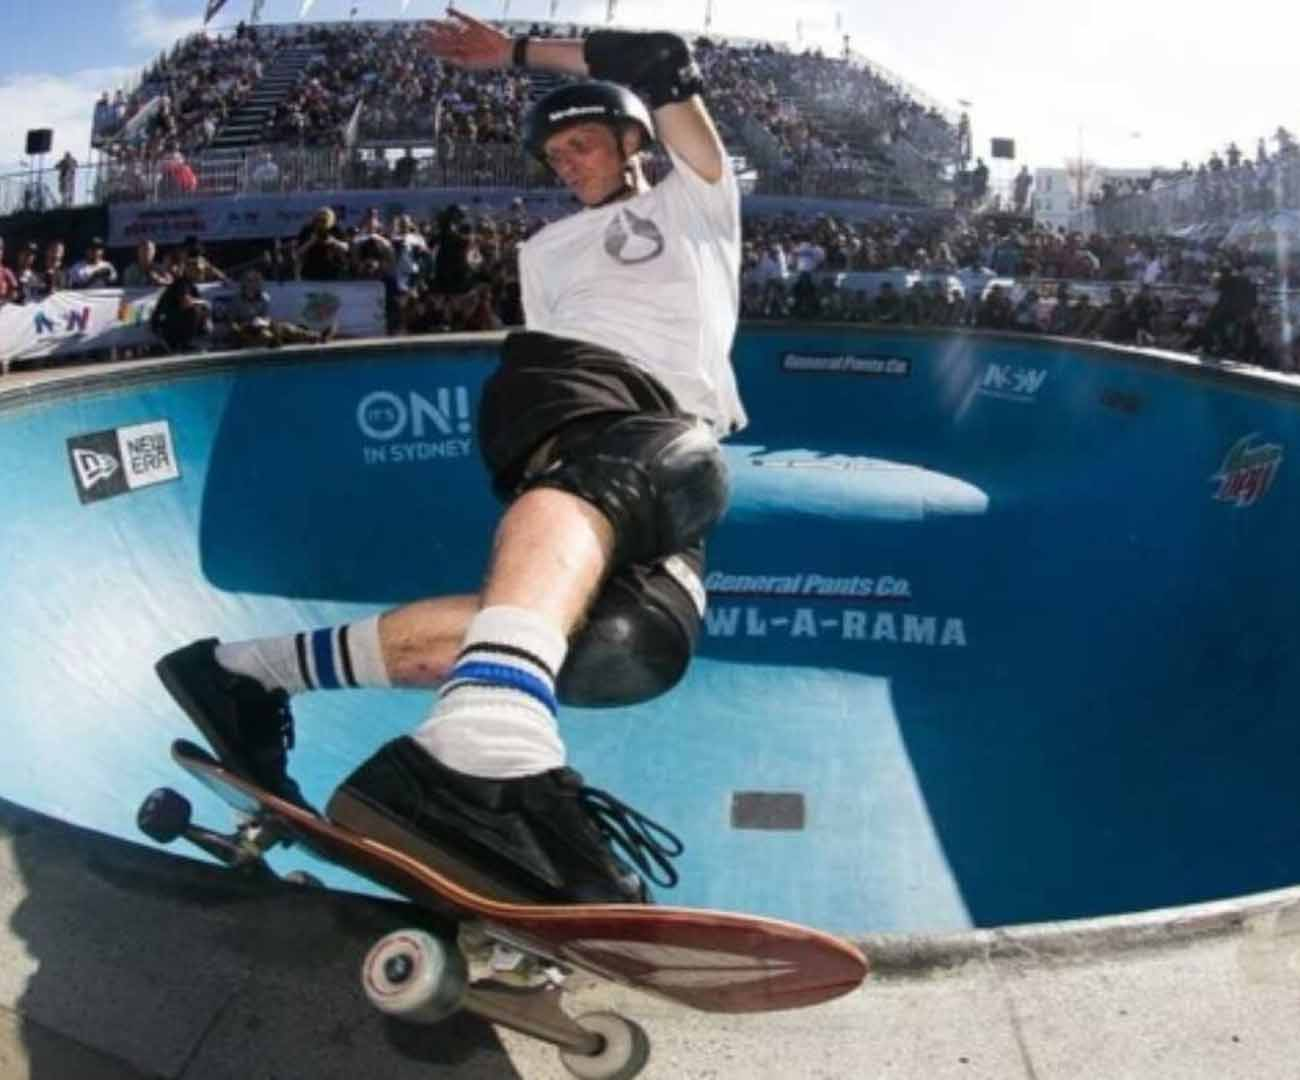 Tony Hawk's Pro Skater 3+4 raczej powstanie bo Antoni wykręcił świetny wynik